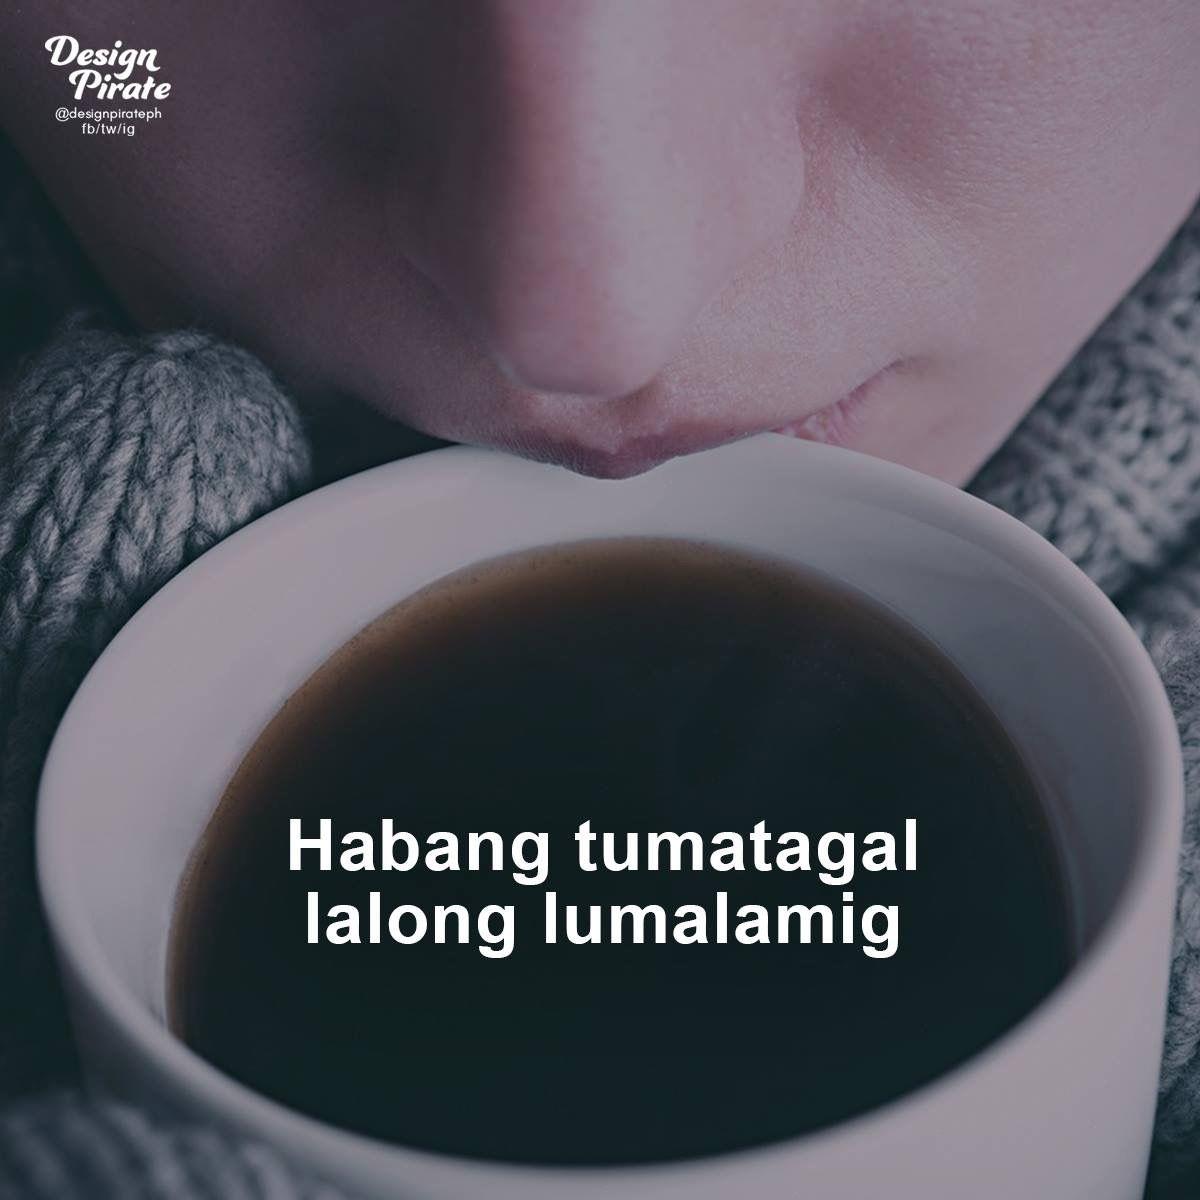 Pin By Van Palabrica On Tagalog Qoutes Tagalog Quotes Bisaya Quotes Tagalog Quotes Hugot Funny